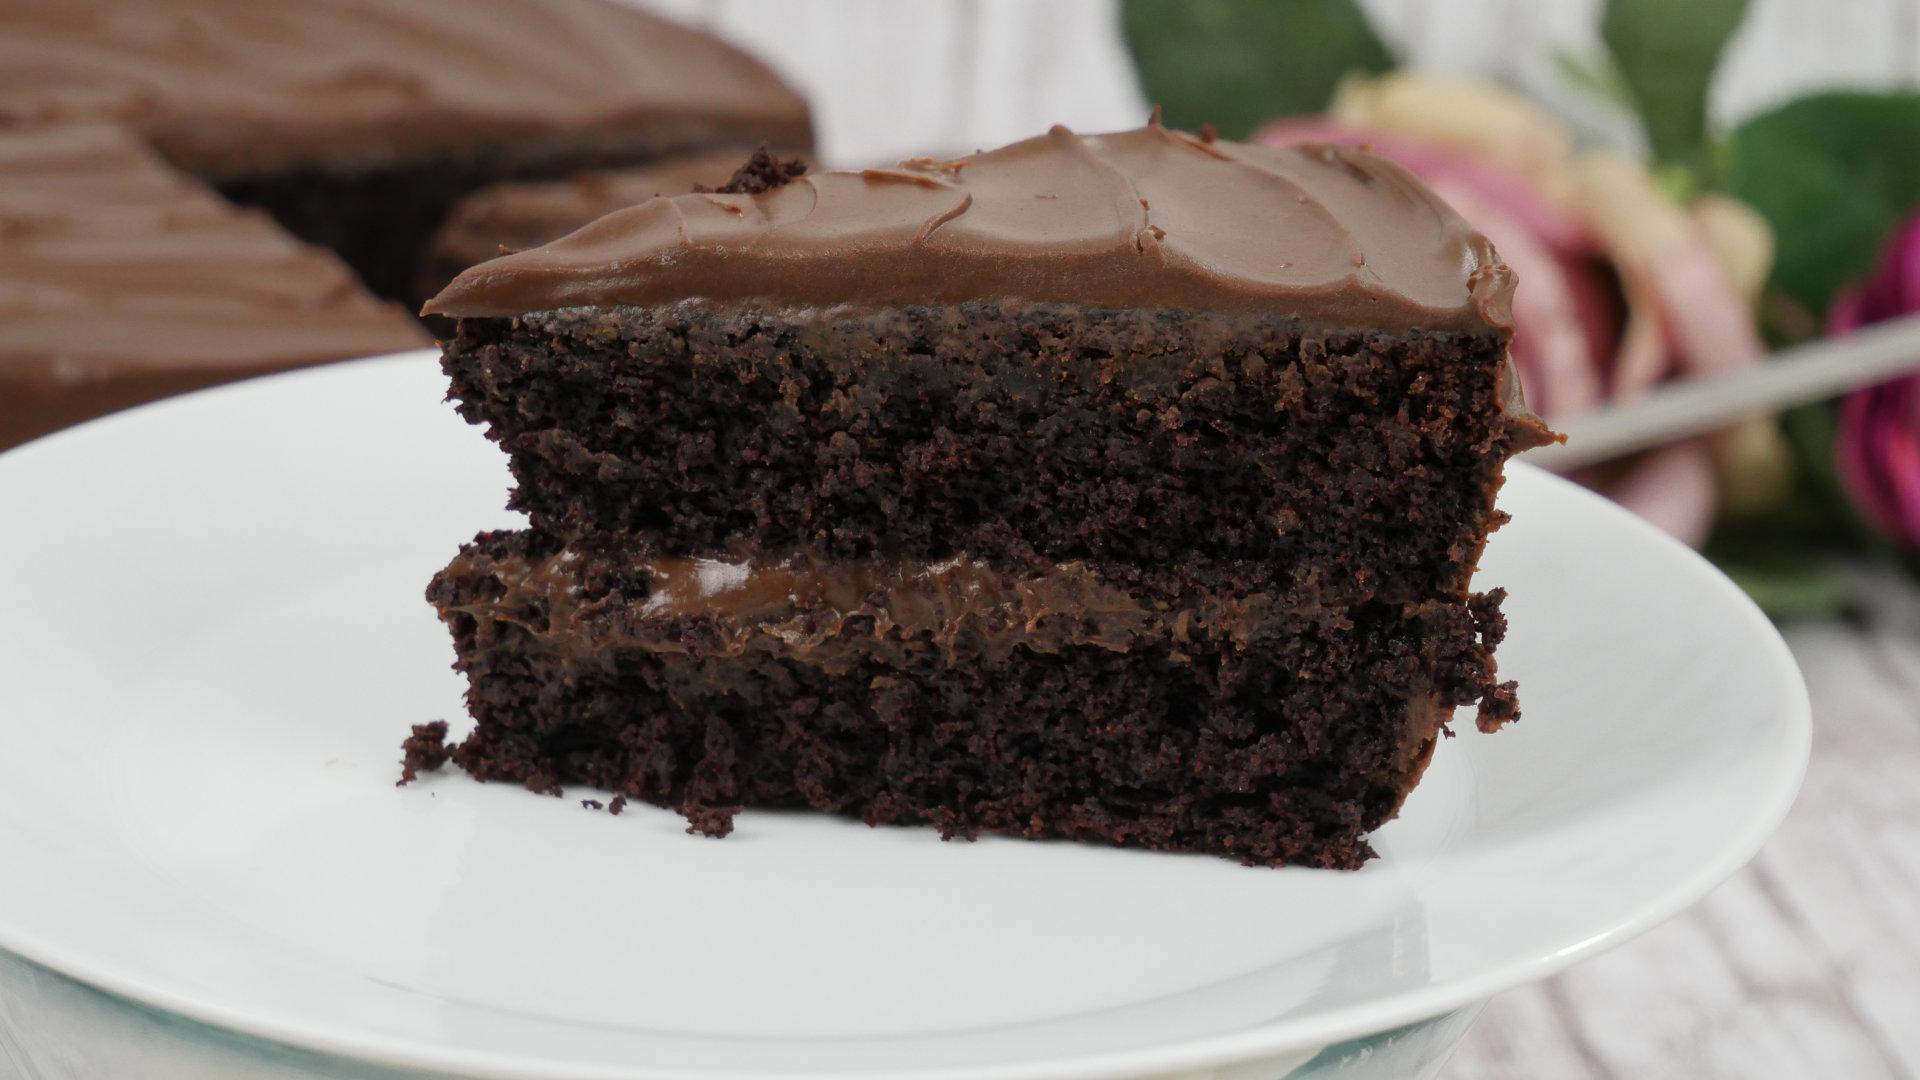 Chocolate Mud Cake Ein Geburtstagskuchen Für Kitchenaid